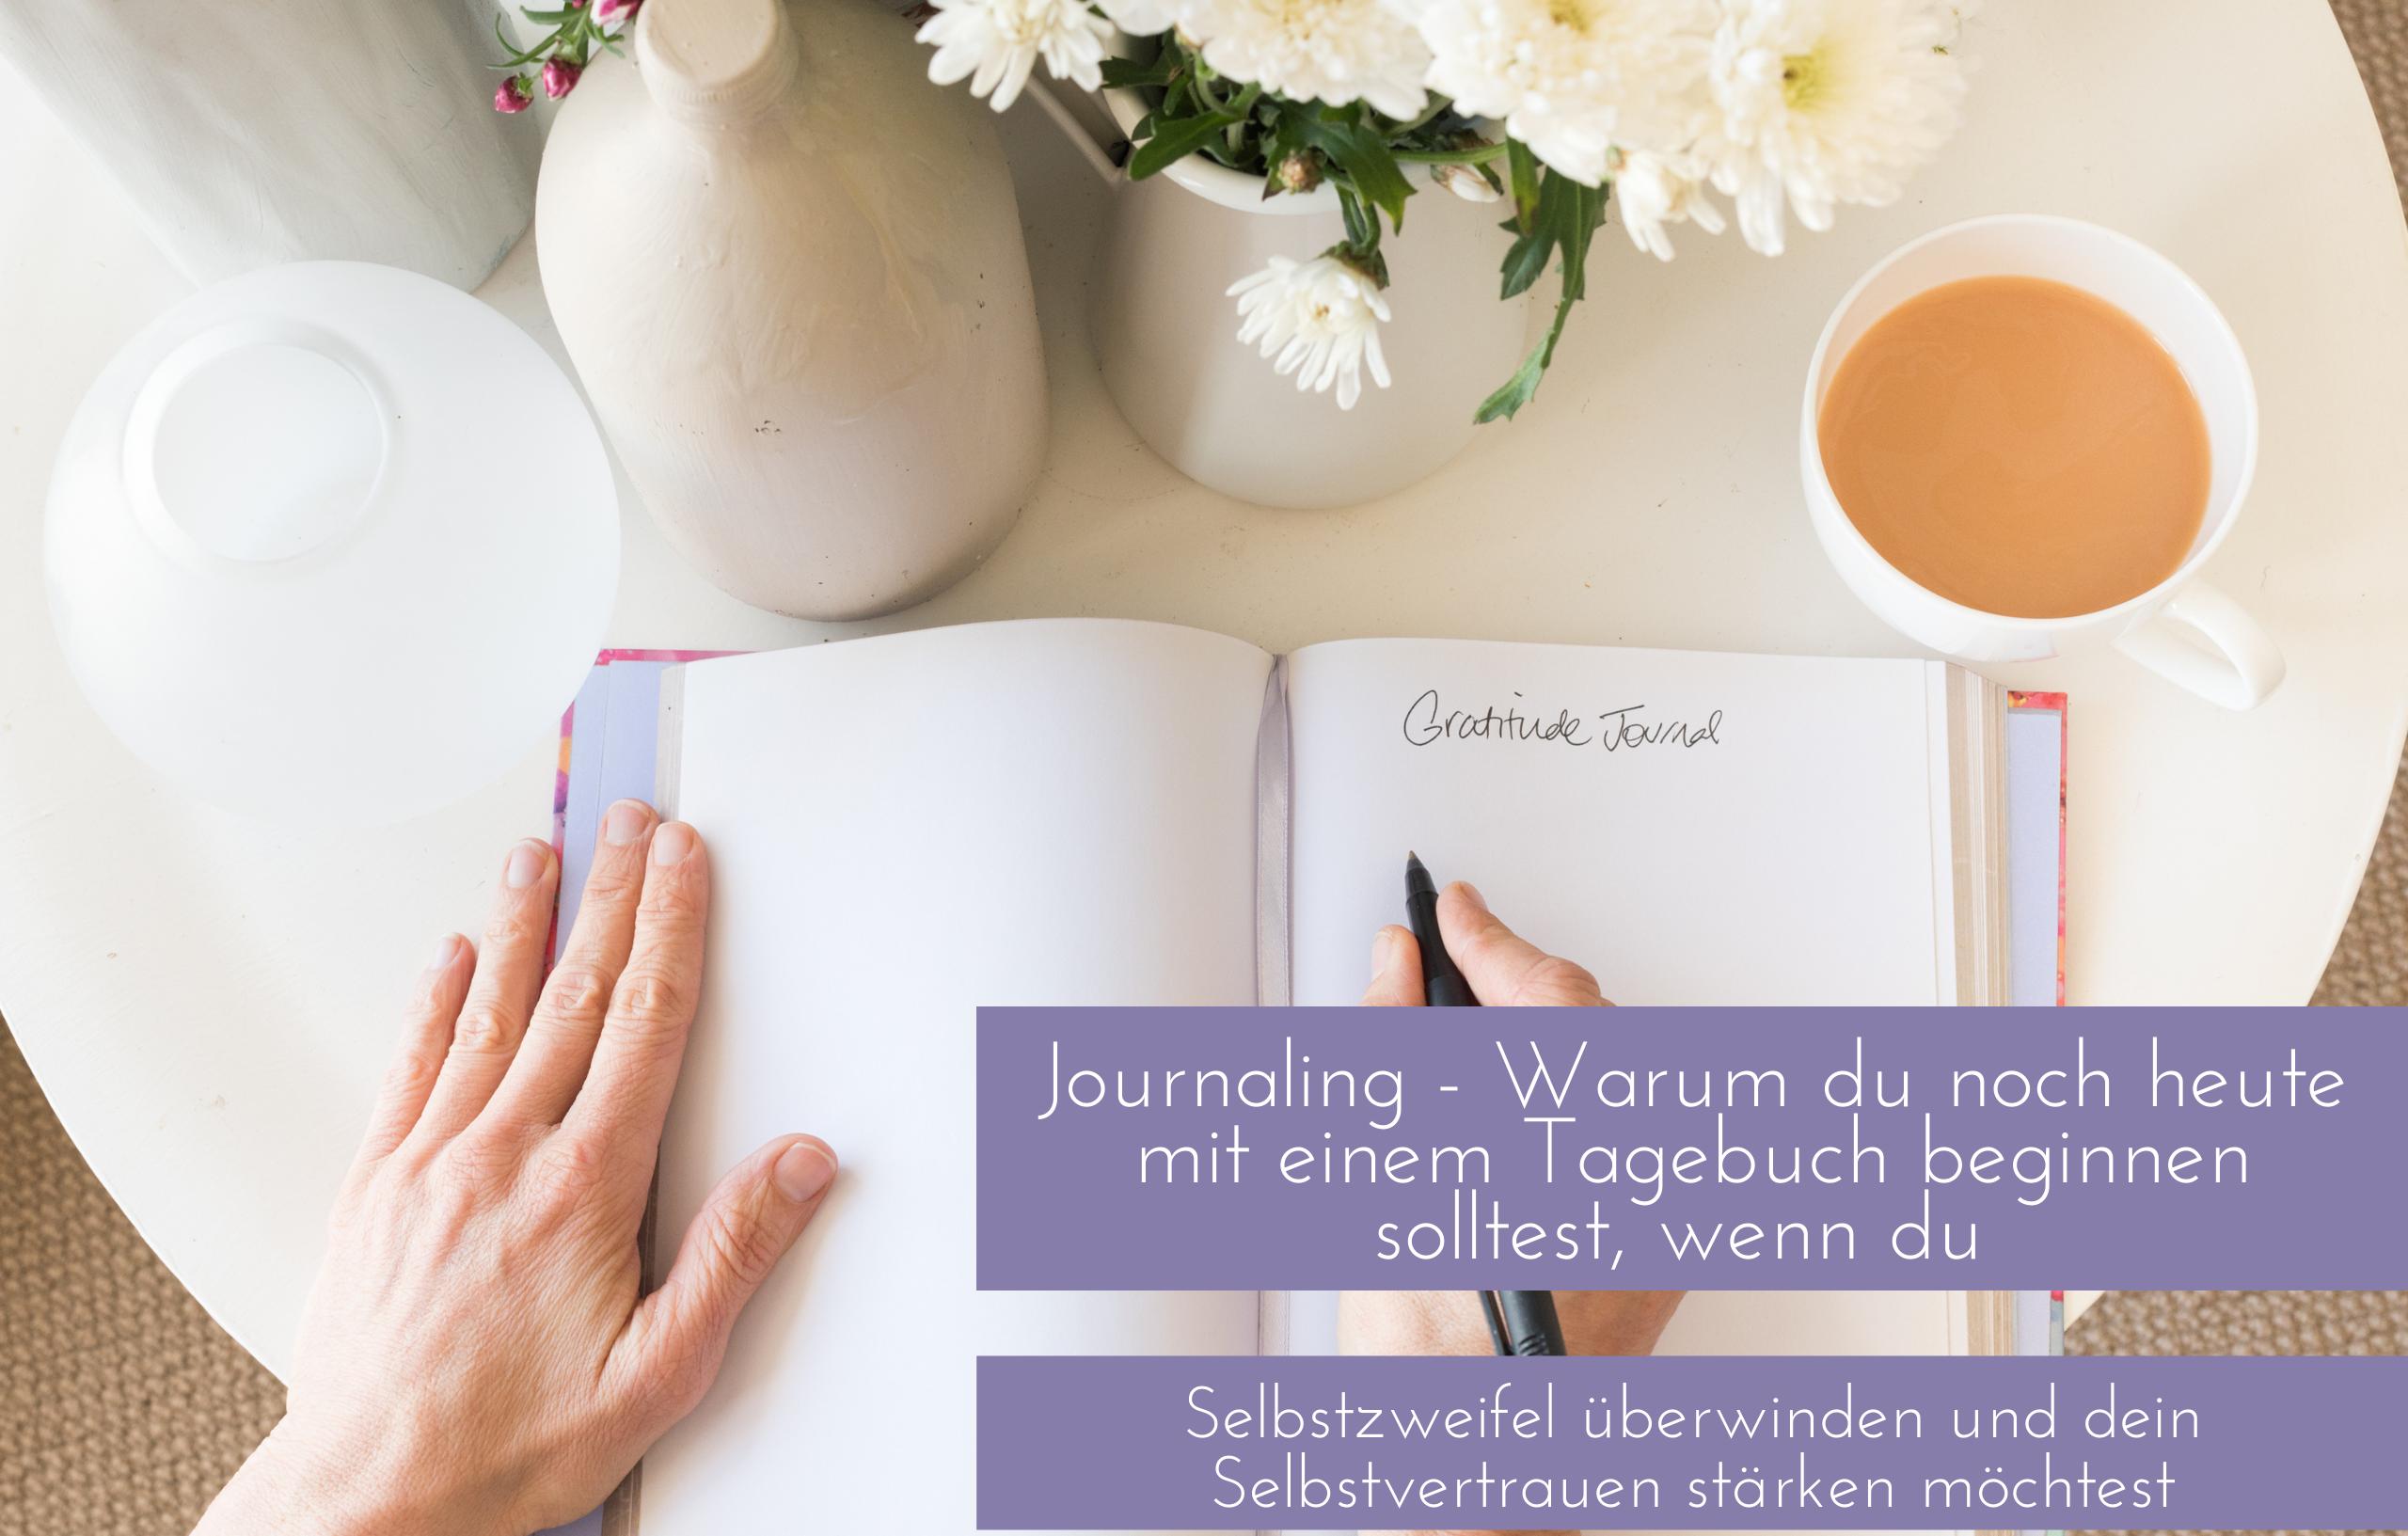 Journaling hilft dabei die Selbstzweifel zu meistern